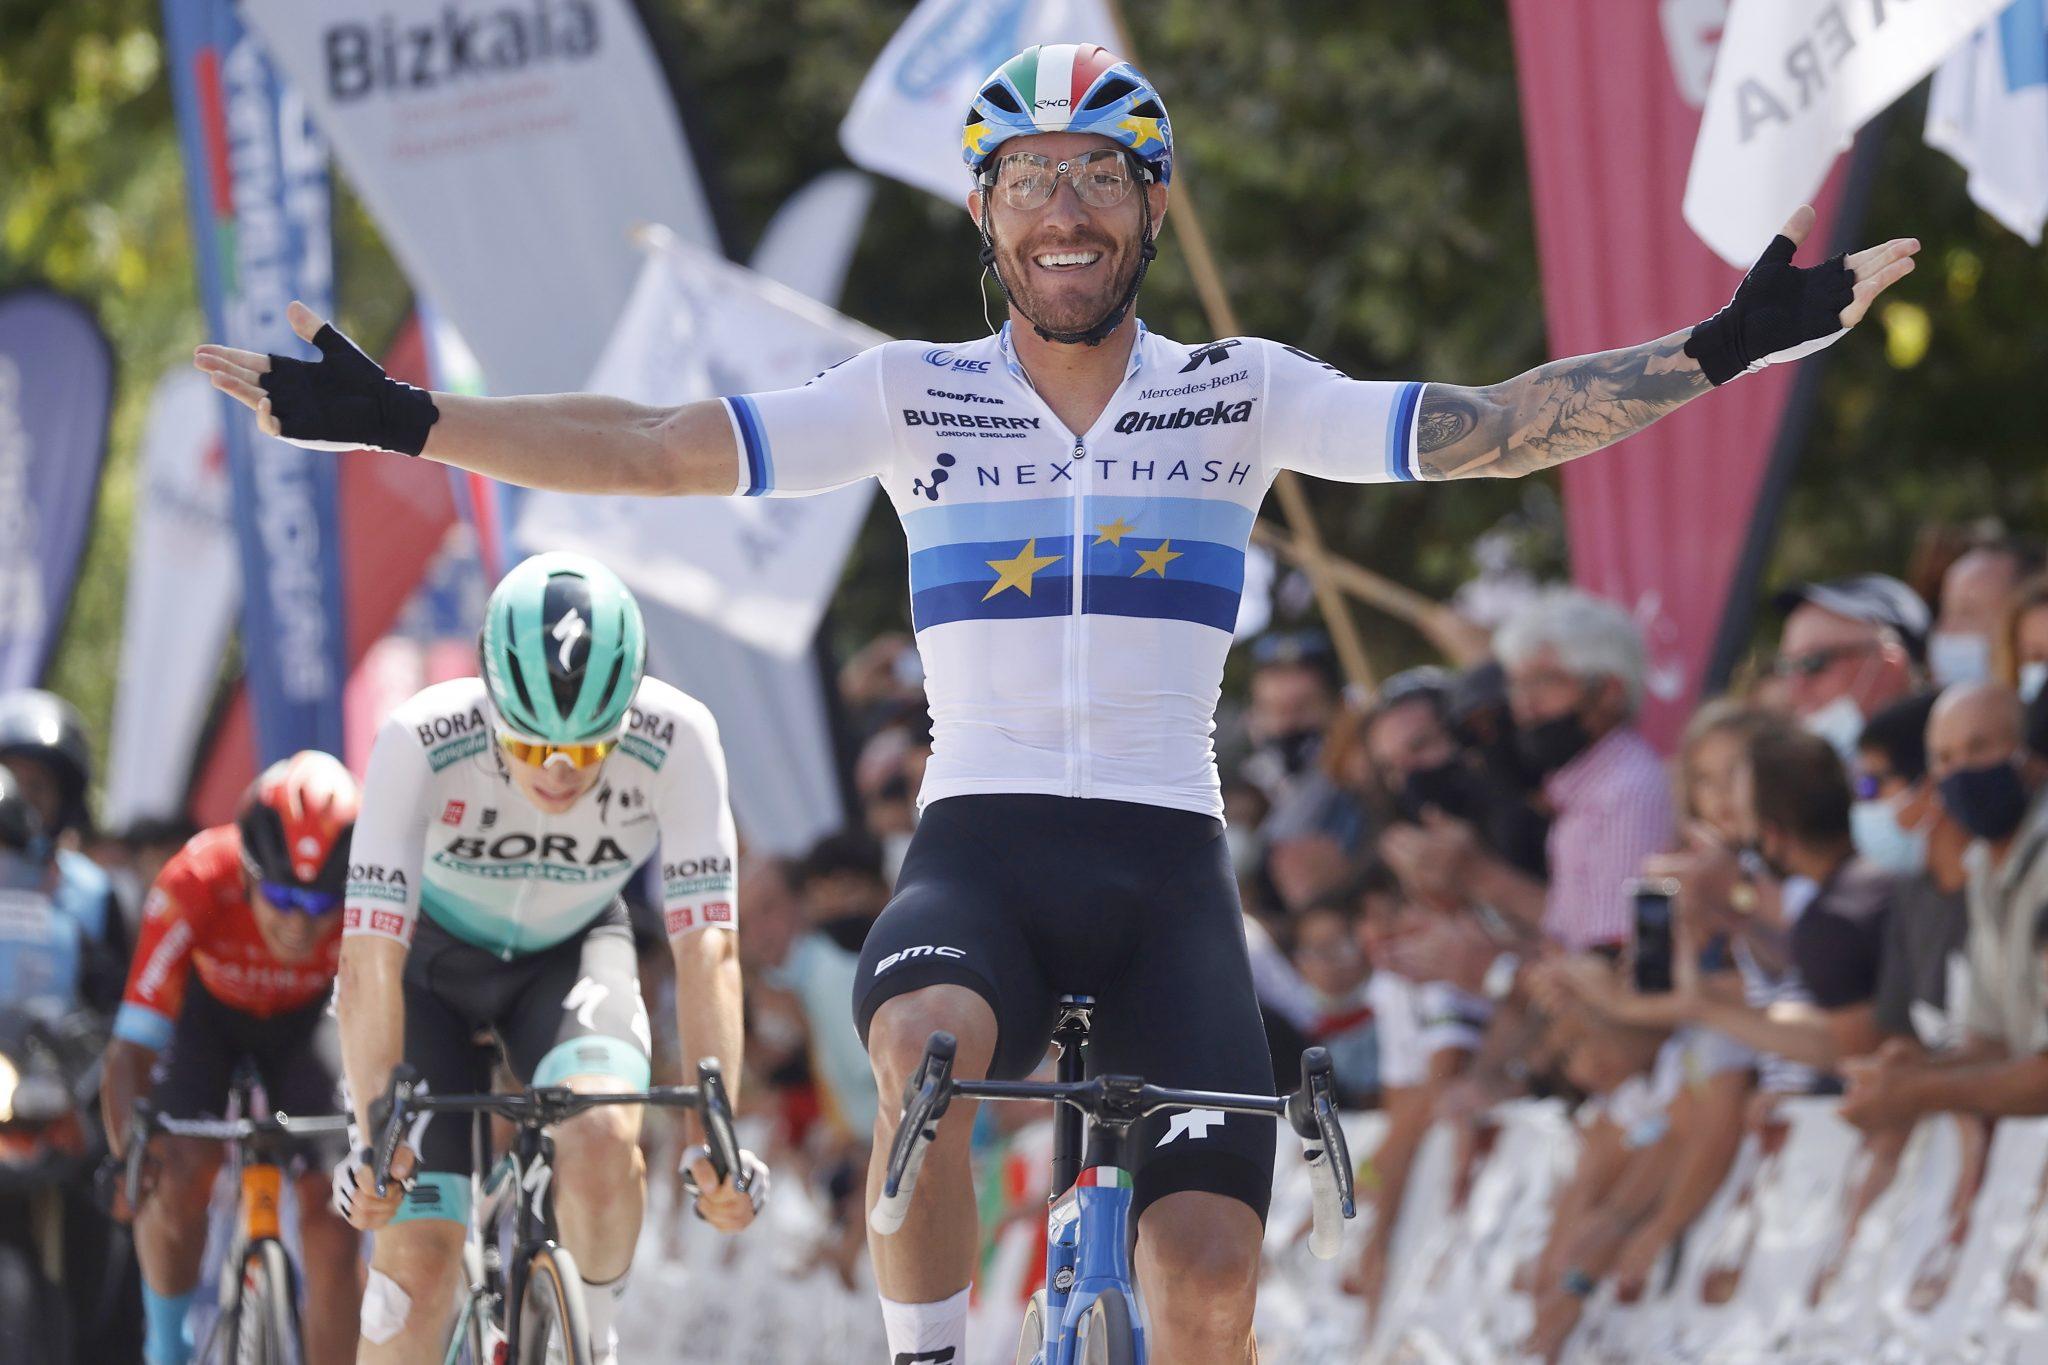 Victoire de Giacomo Nizzolo sur le Circuito de Gexto